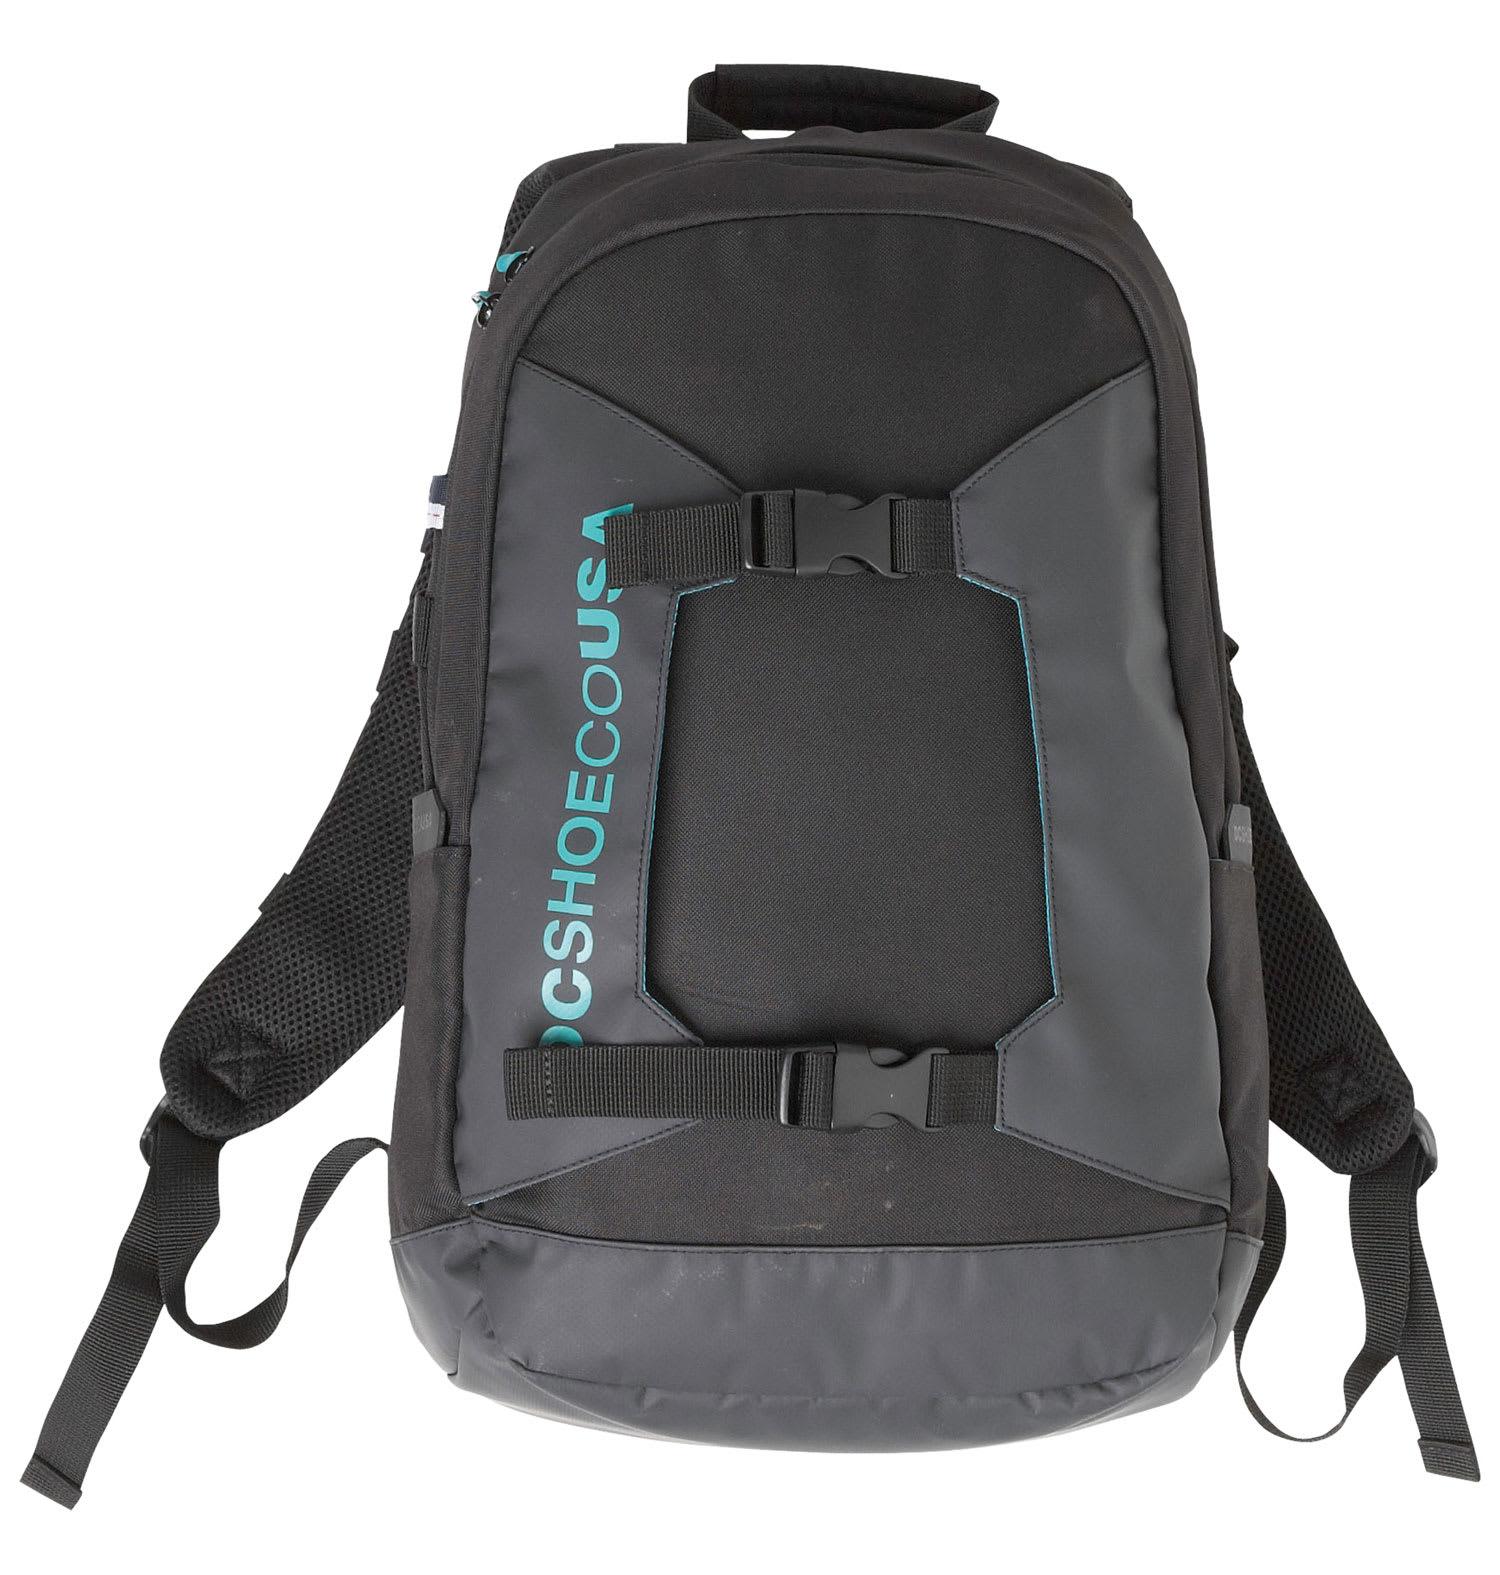 DC Sender Backpack Black